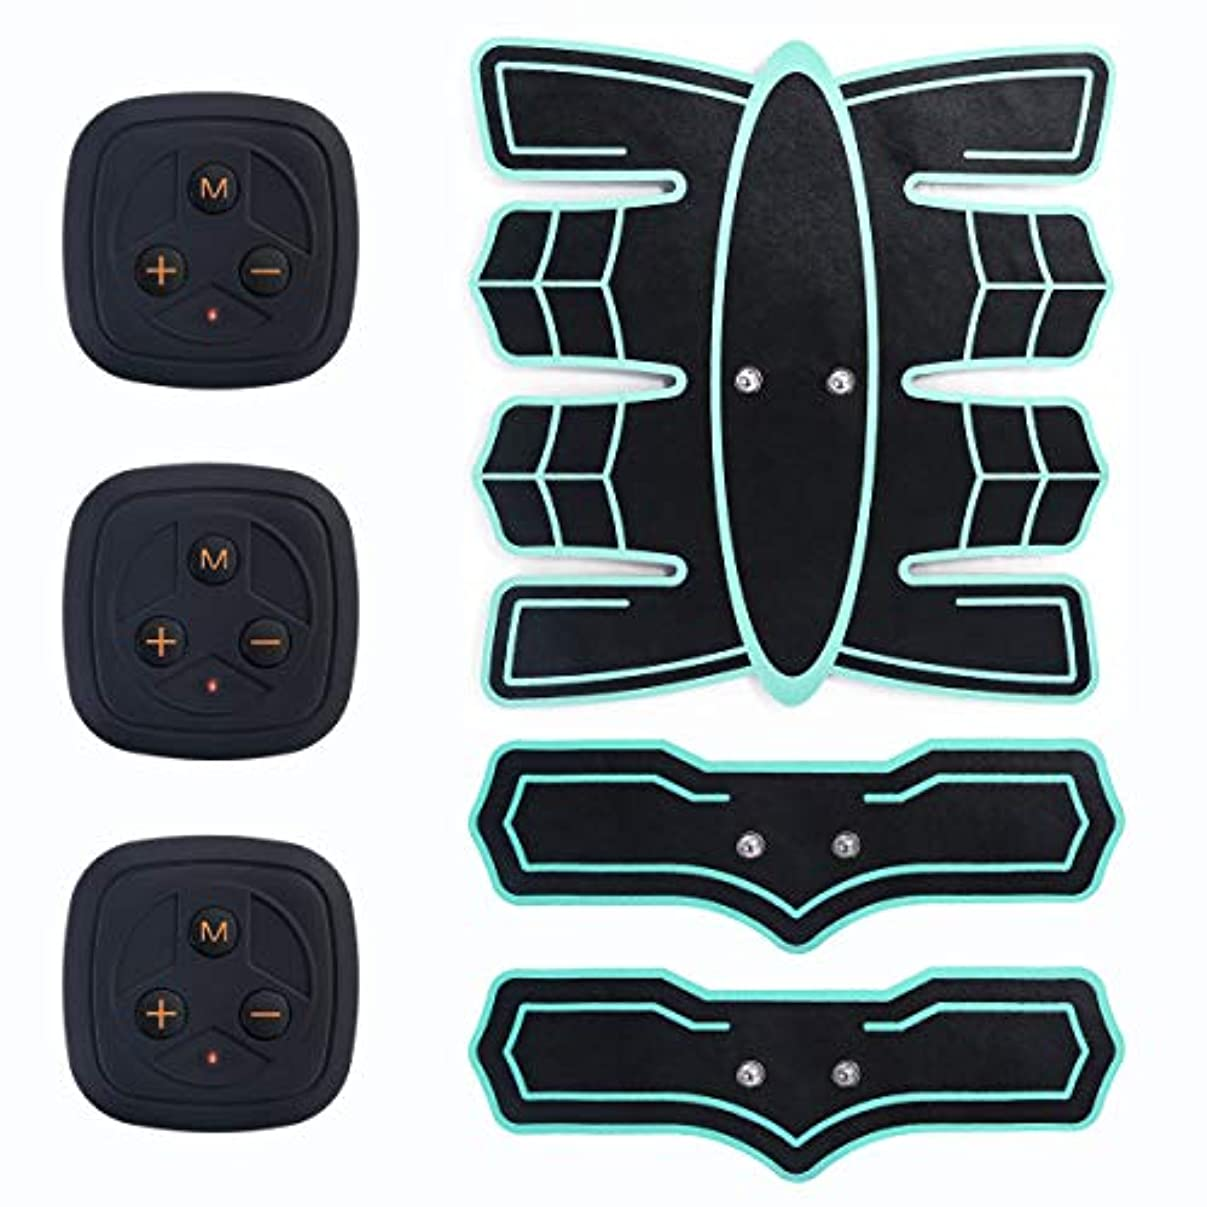 不均一ライトニング助けてマッサージクッション腹筋刺激装置、ウエストトレーニングポータブルトレーニング、腹部/腕/脚のトレーニングのためのホームオフィスフィットネス機器(USB充電)